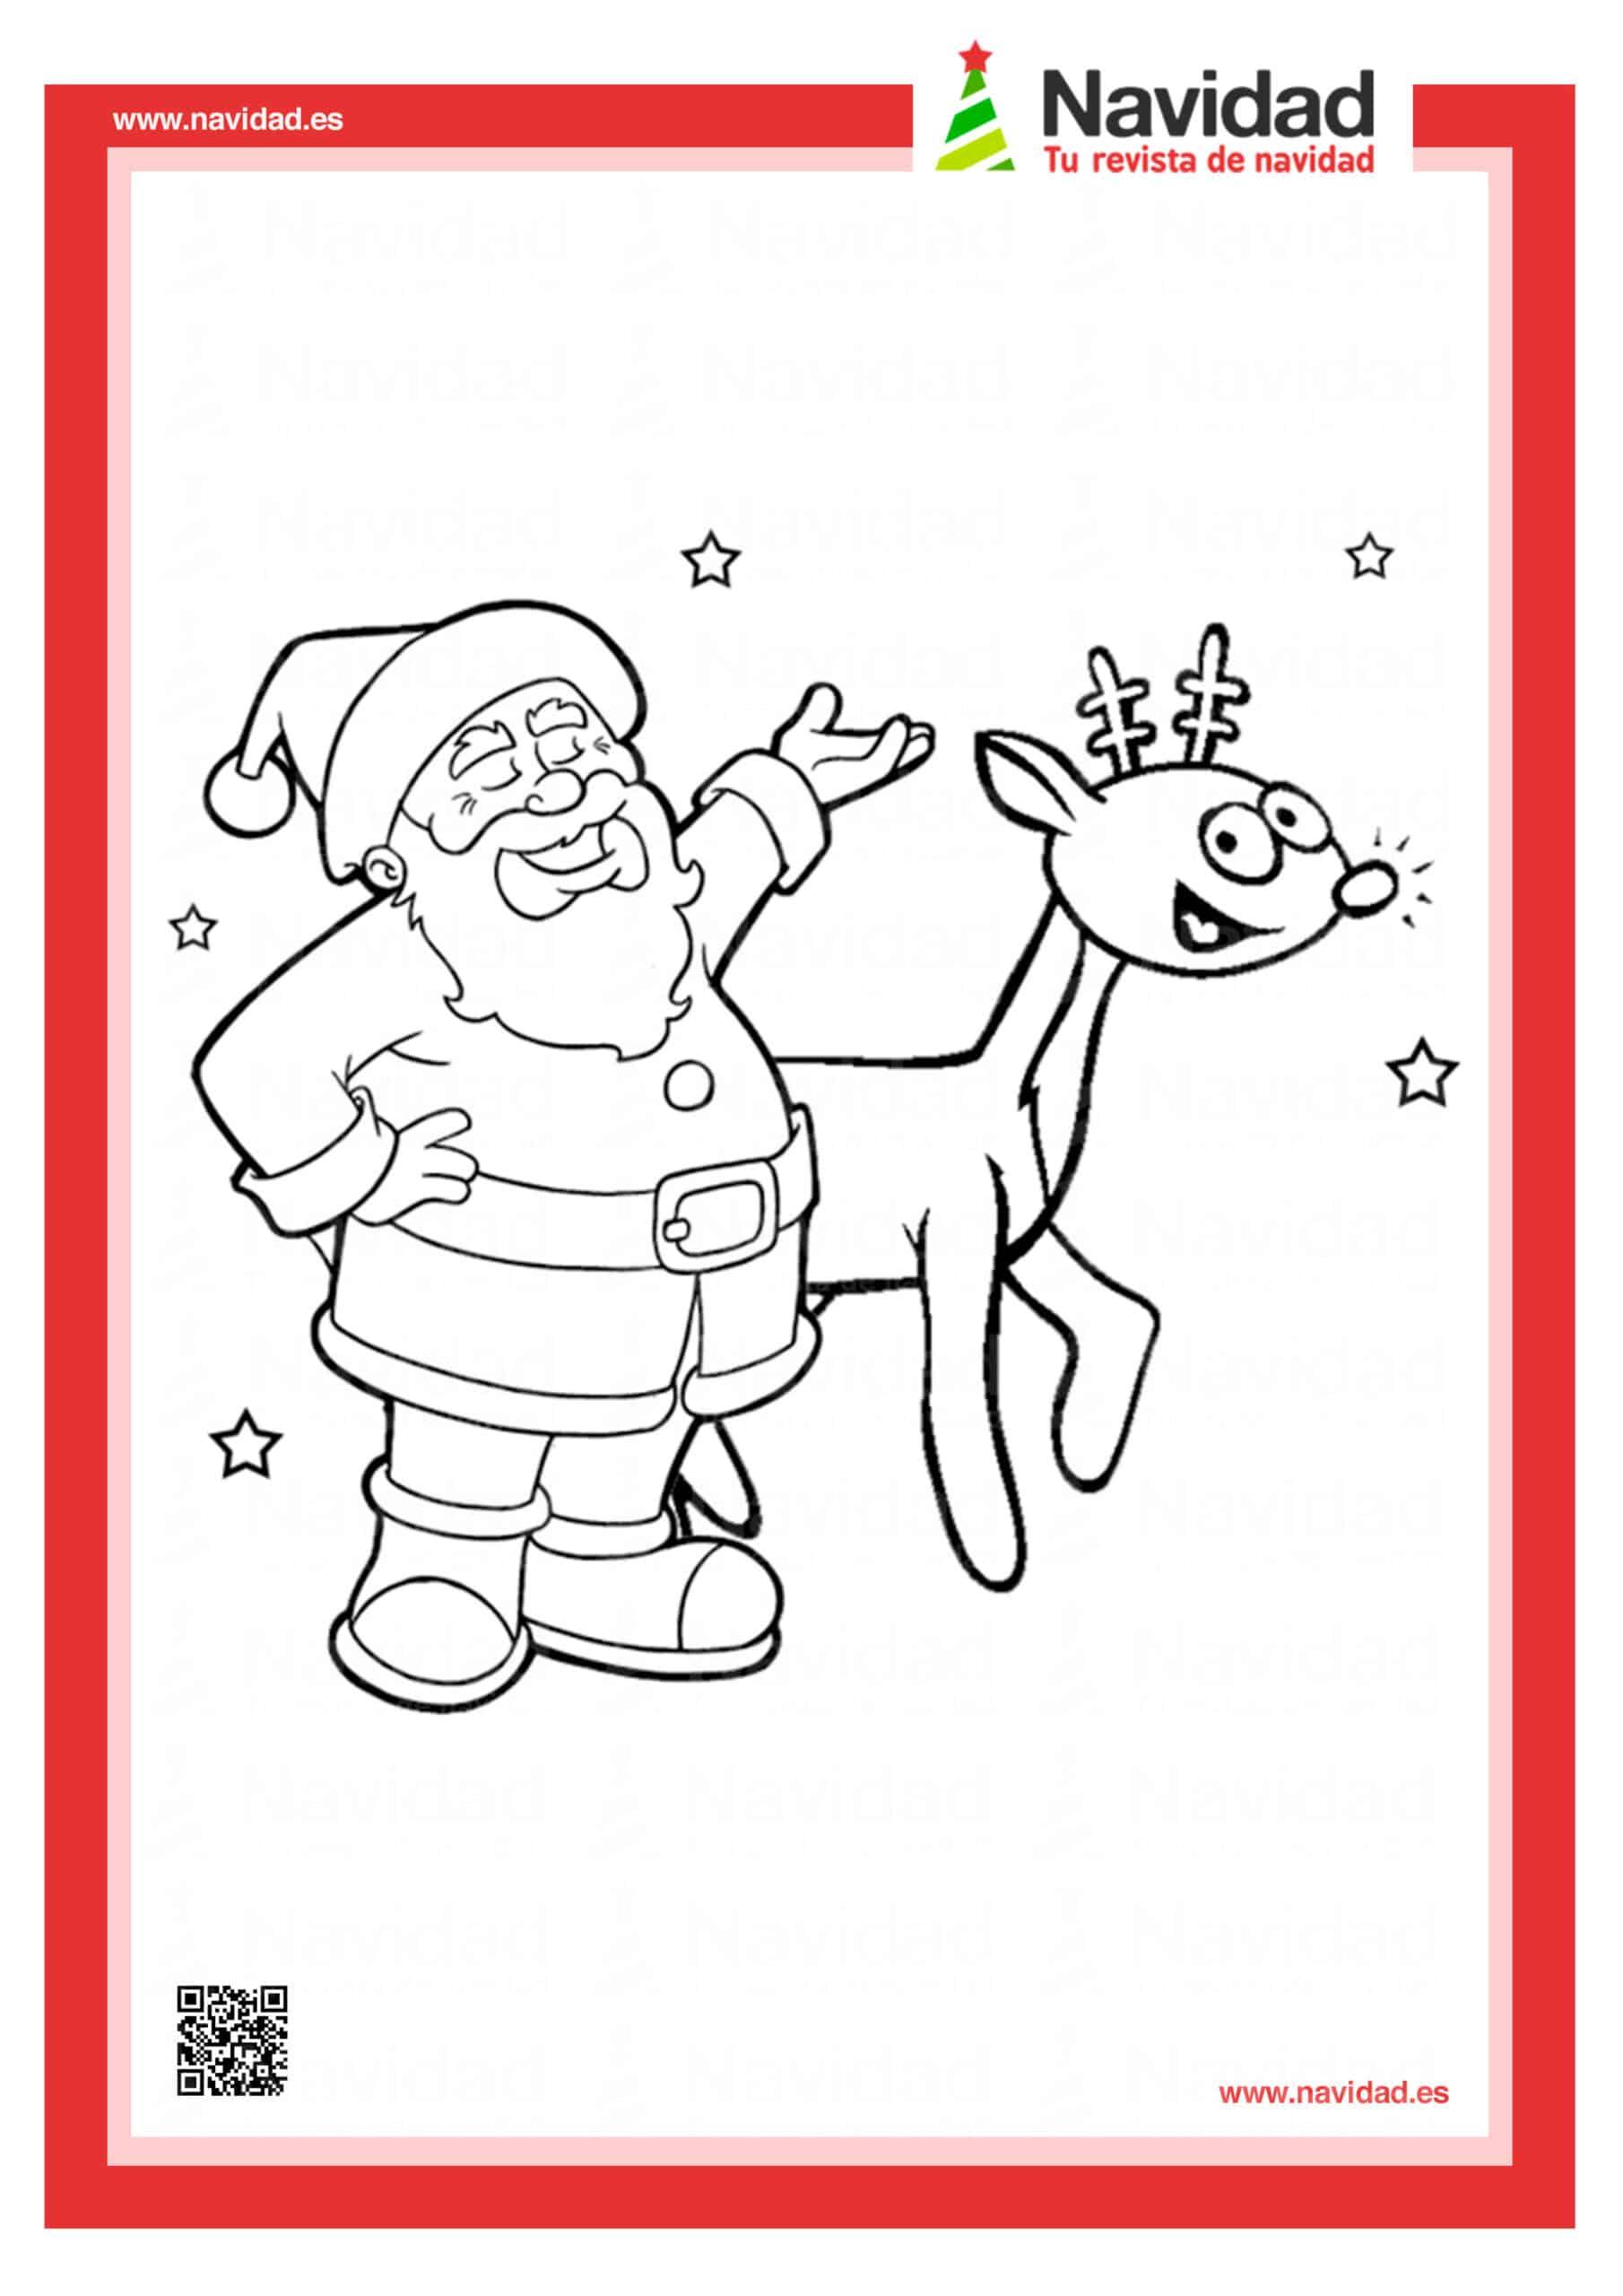 10 dibujos de Papá Noel para colorear con los más pequeños de la casa 7